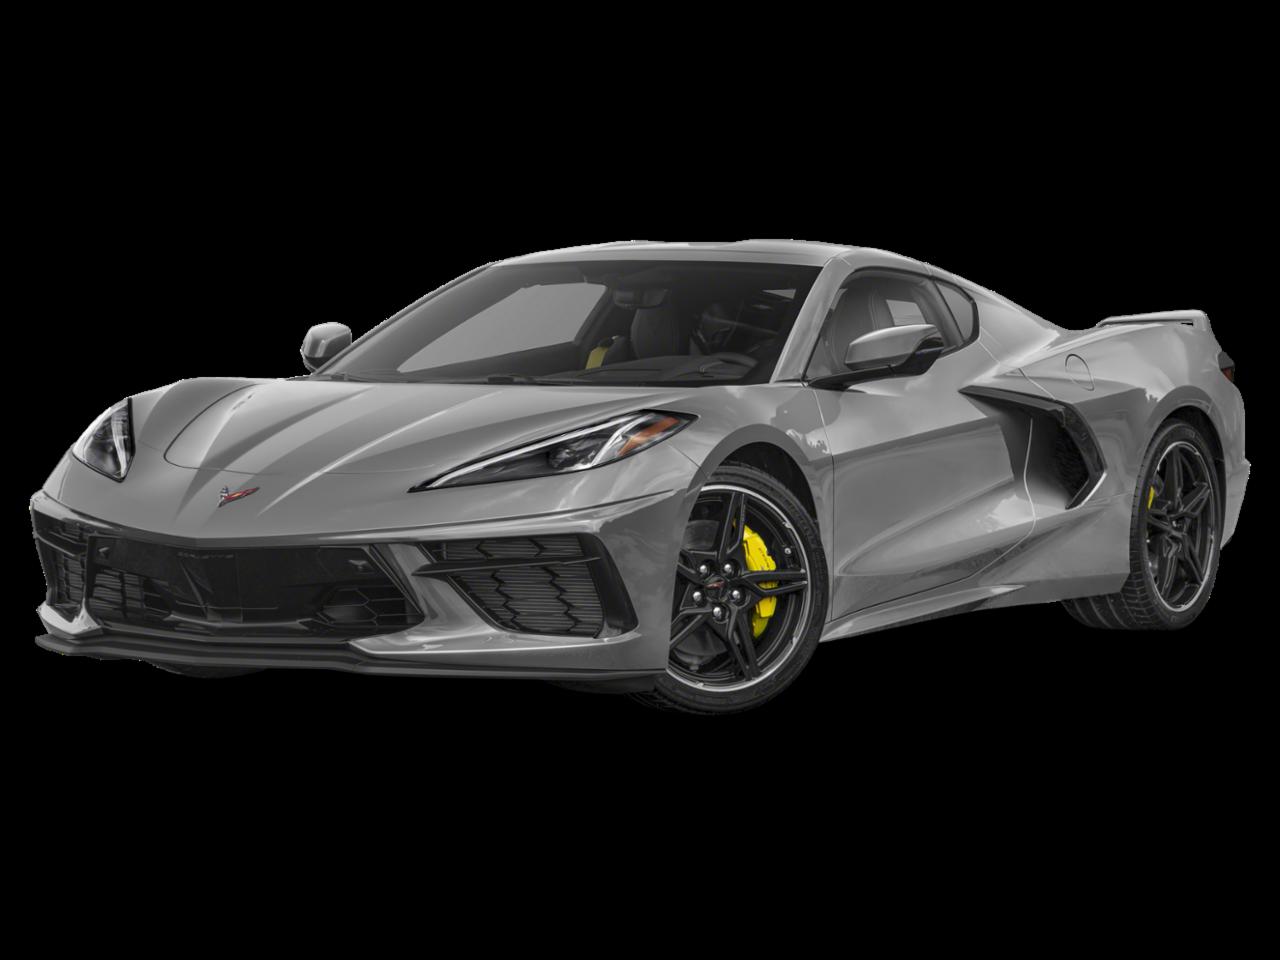 Chevrolet 2021 Corvette 2LT